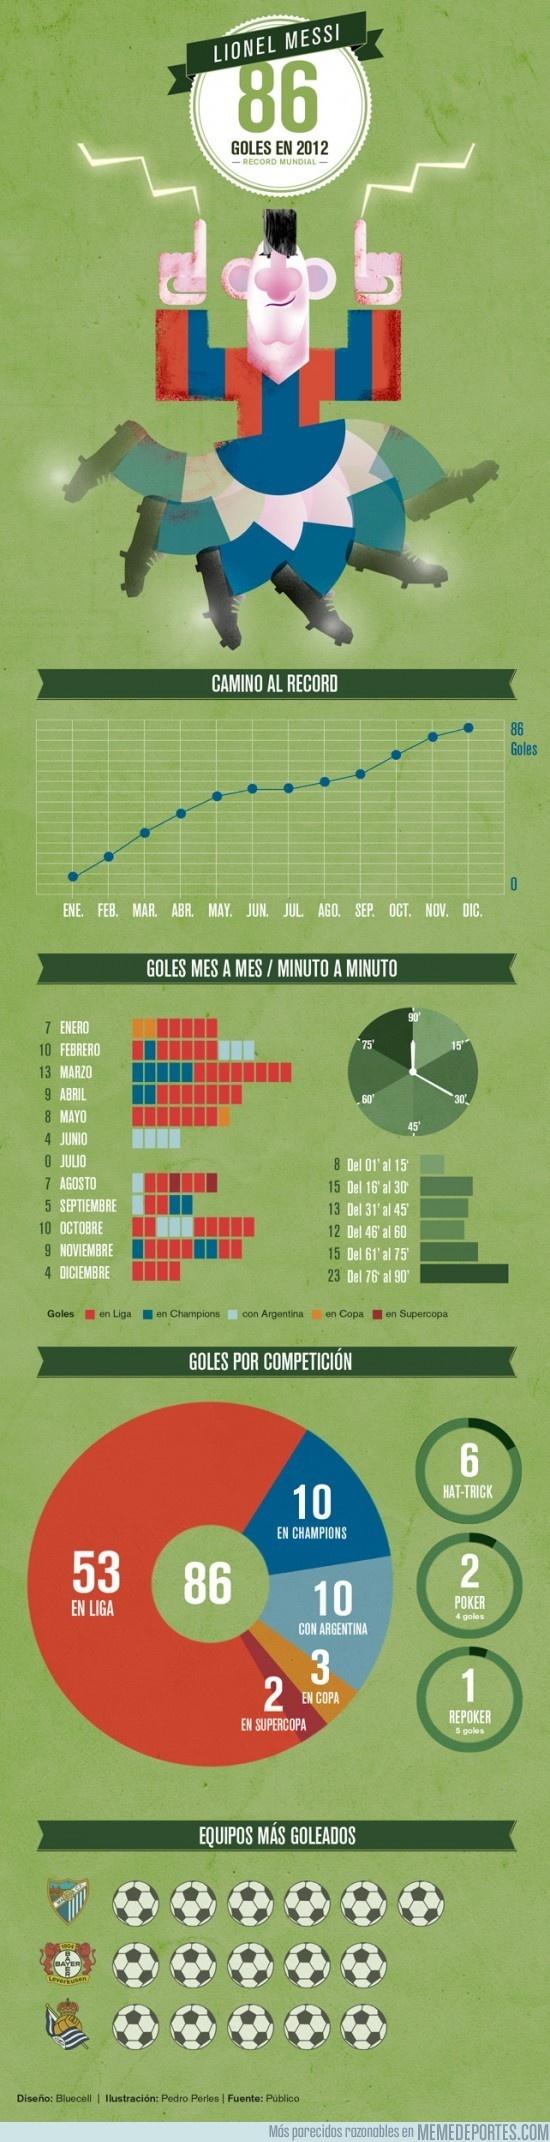 El camino de Messi a sus 86 goles